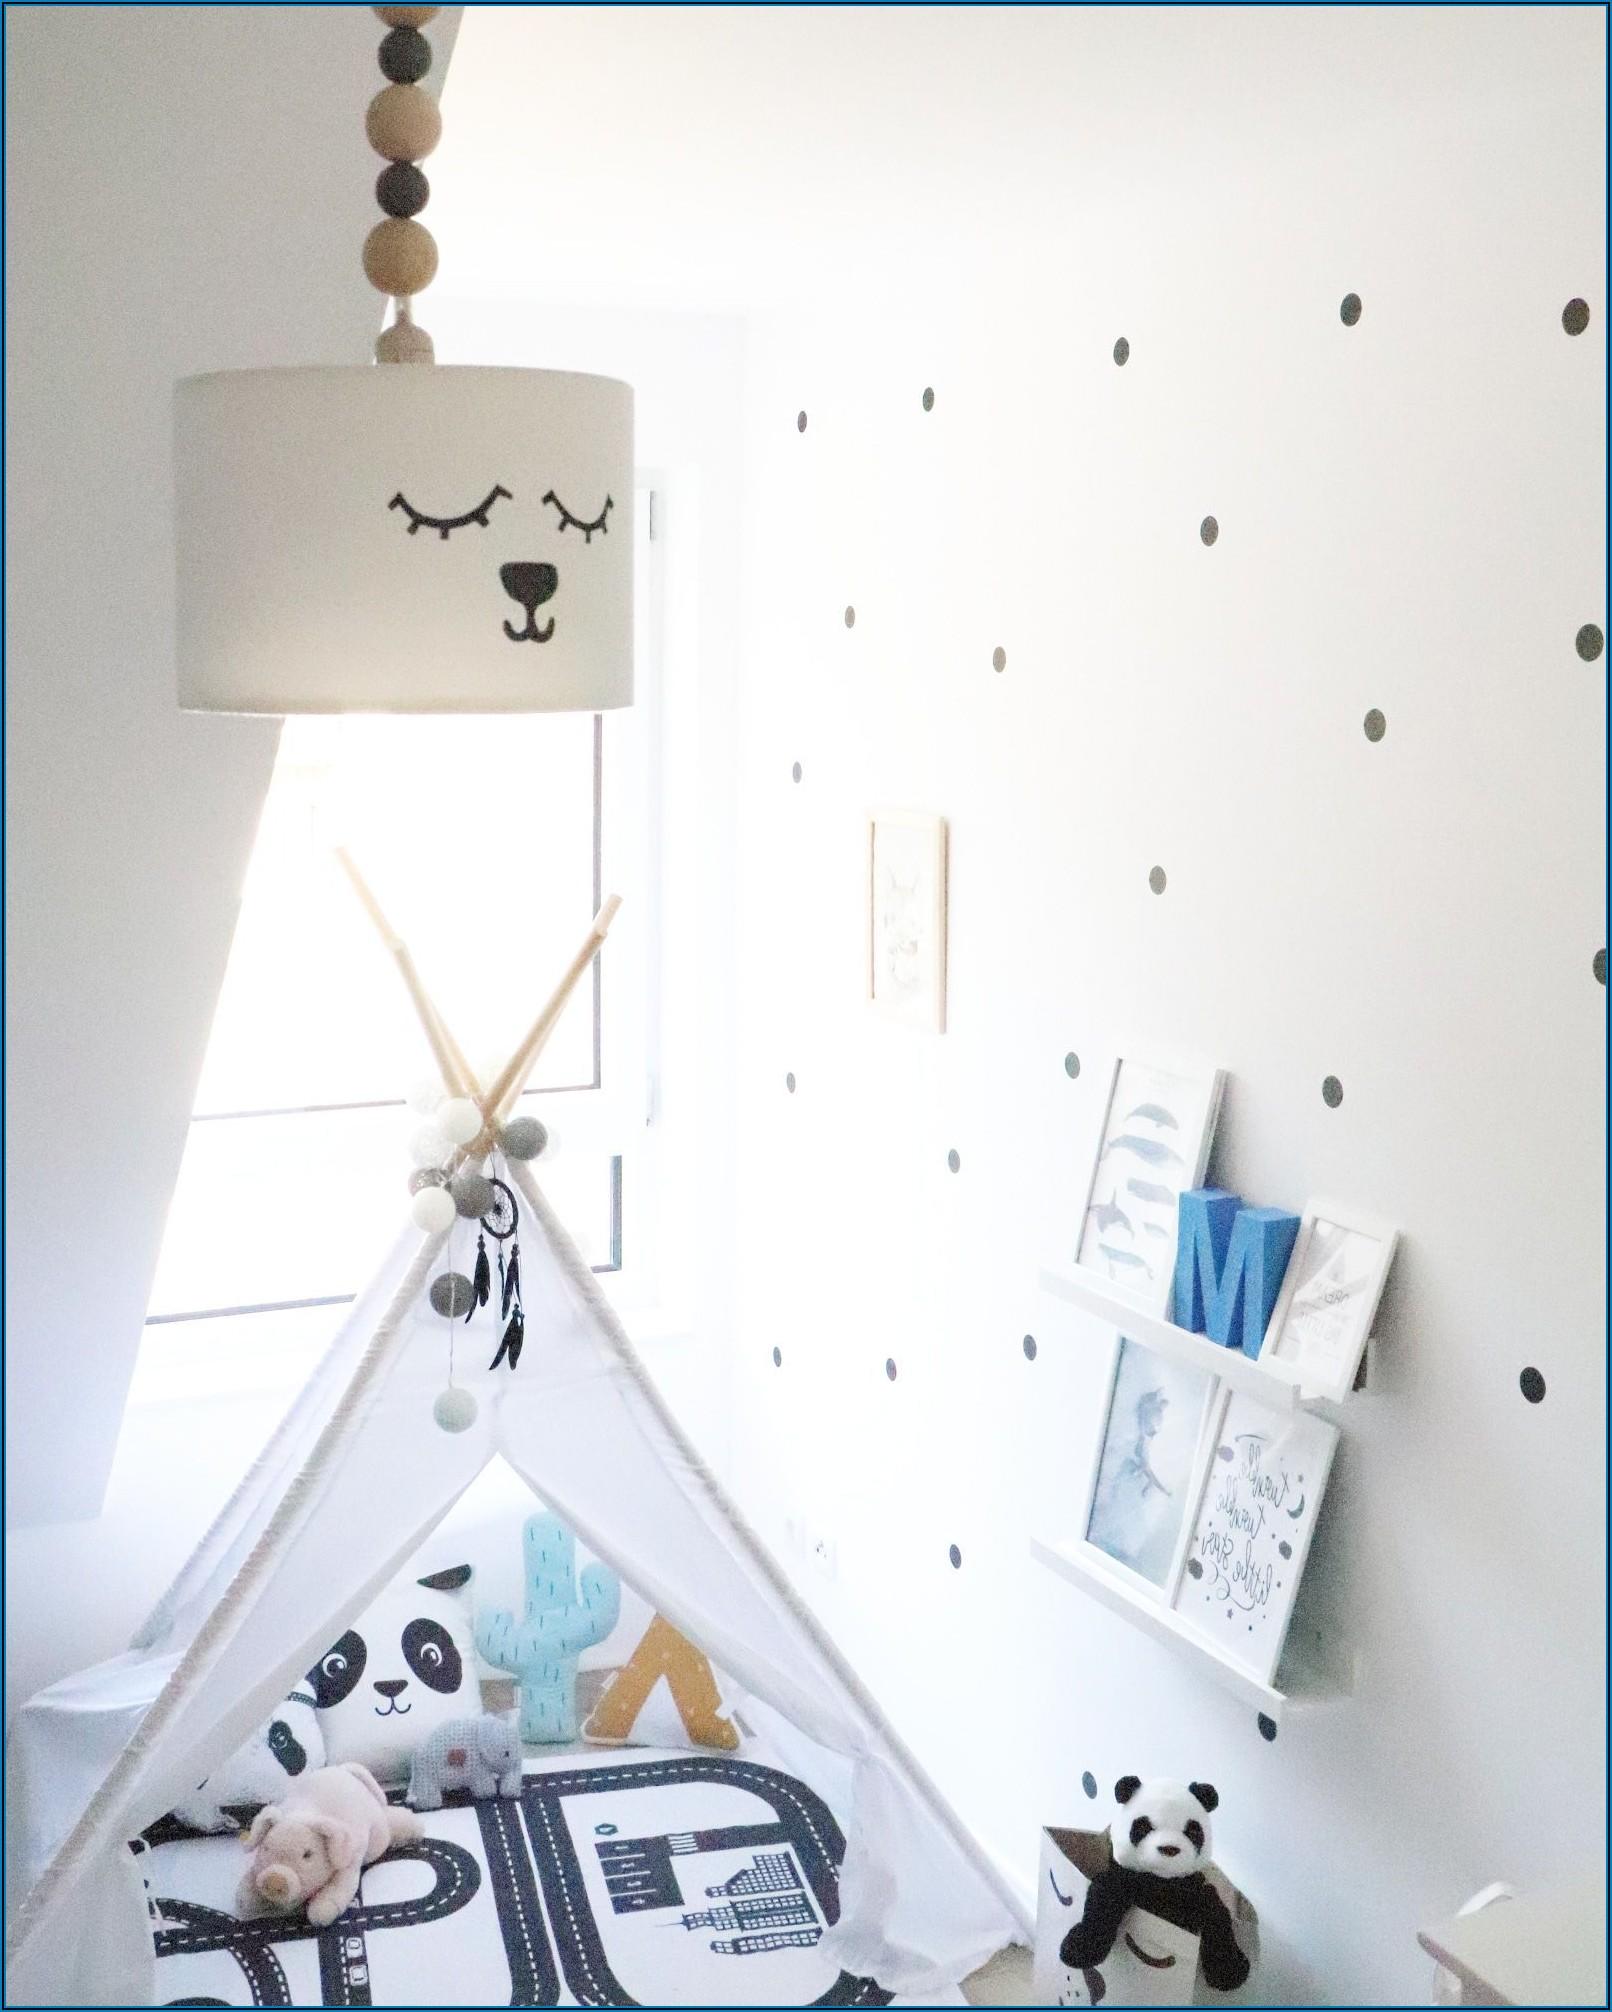 Lampe Fürs Kinderzimmer Selber Machen